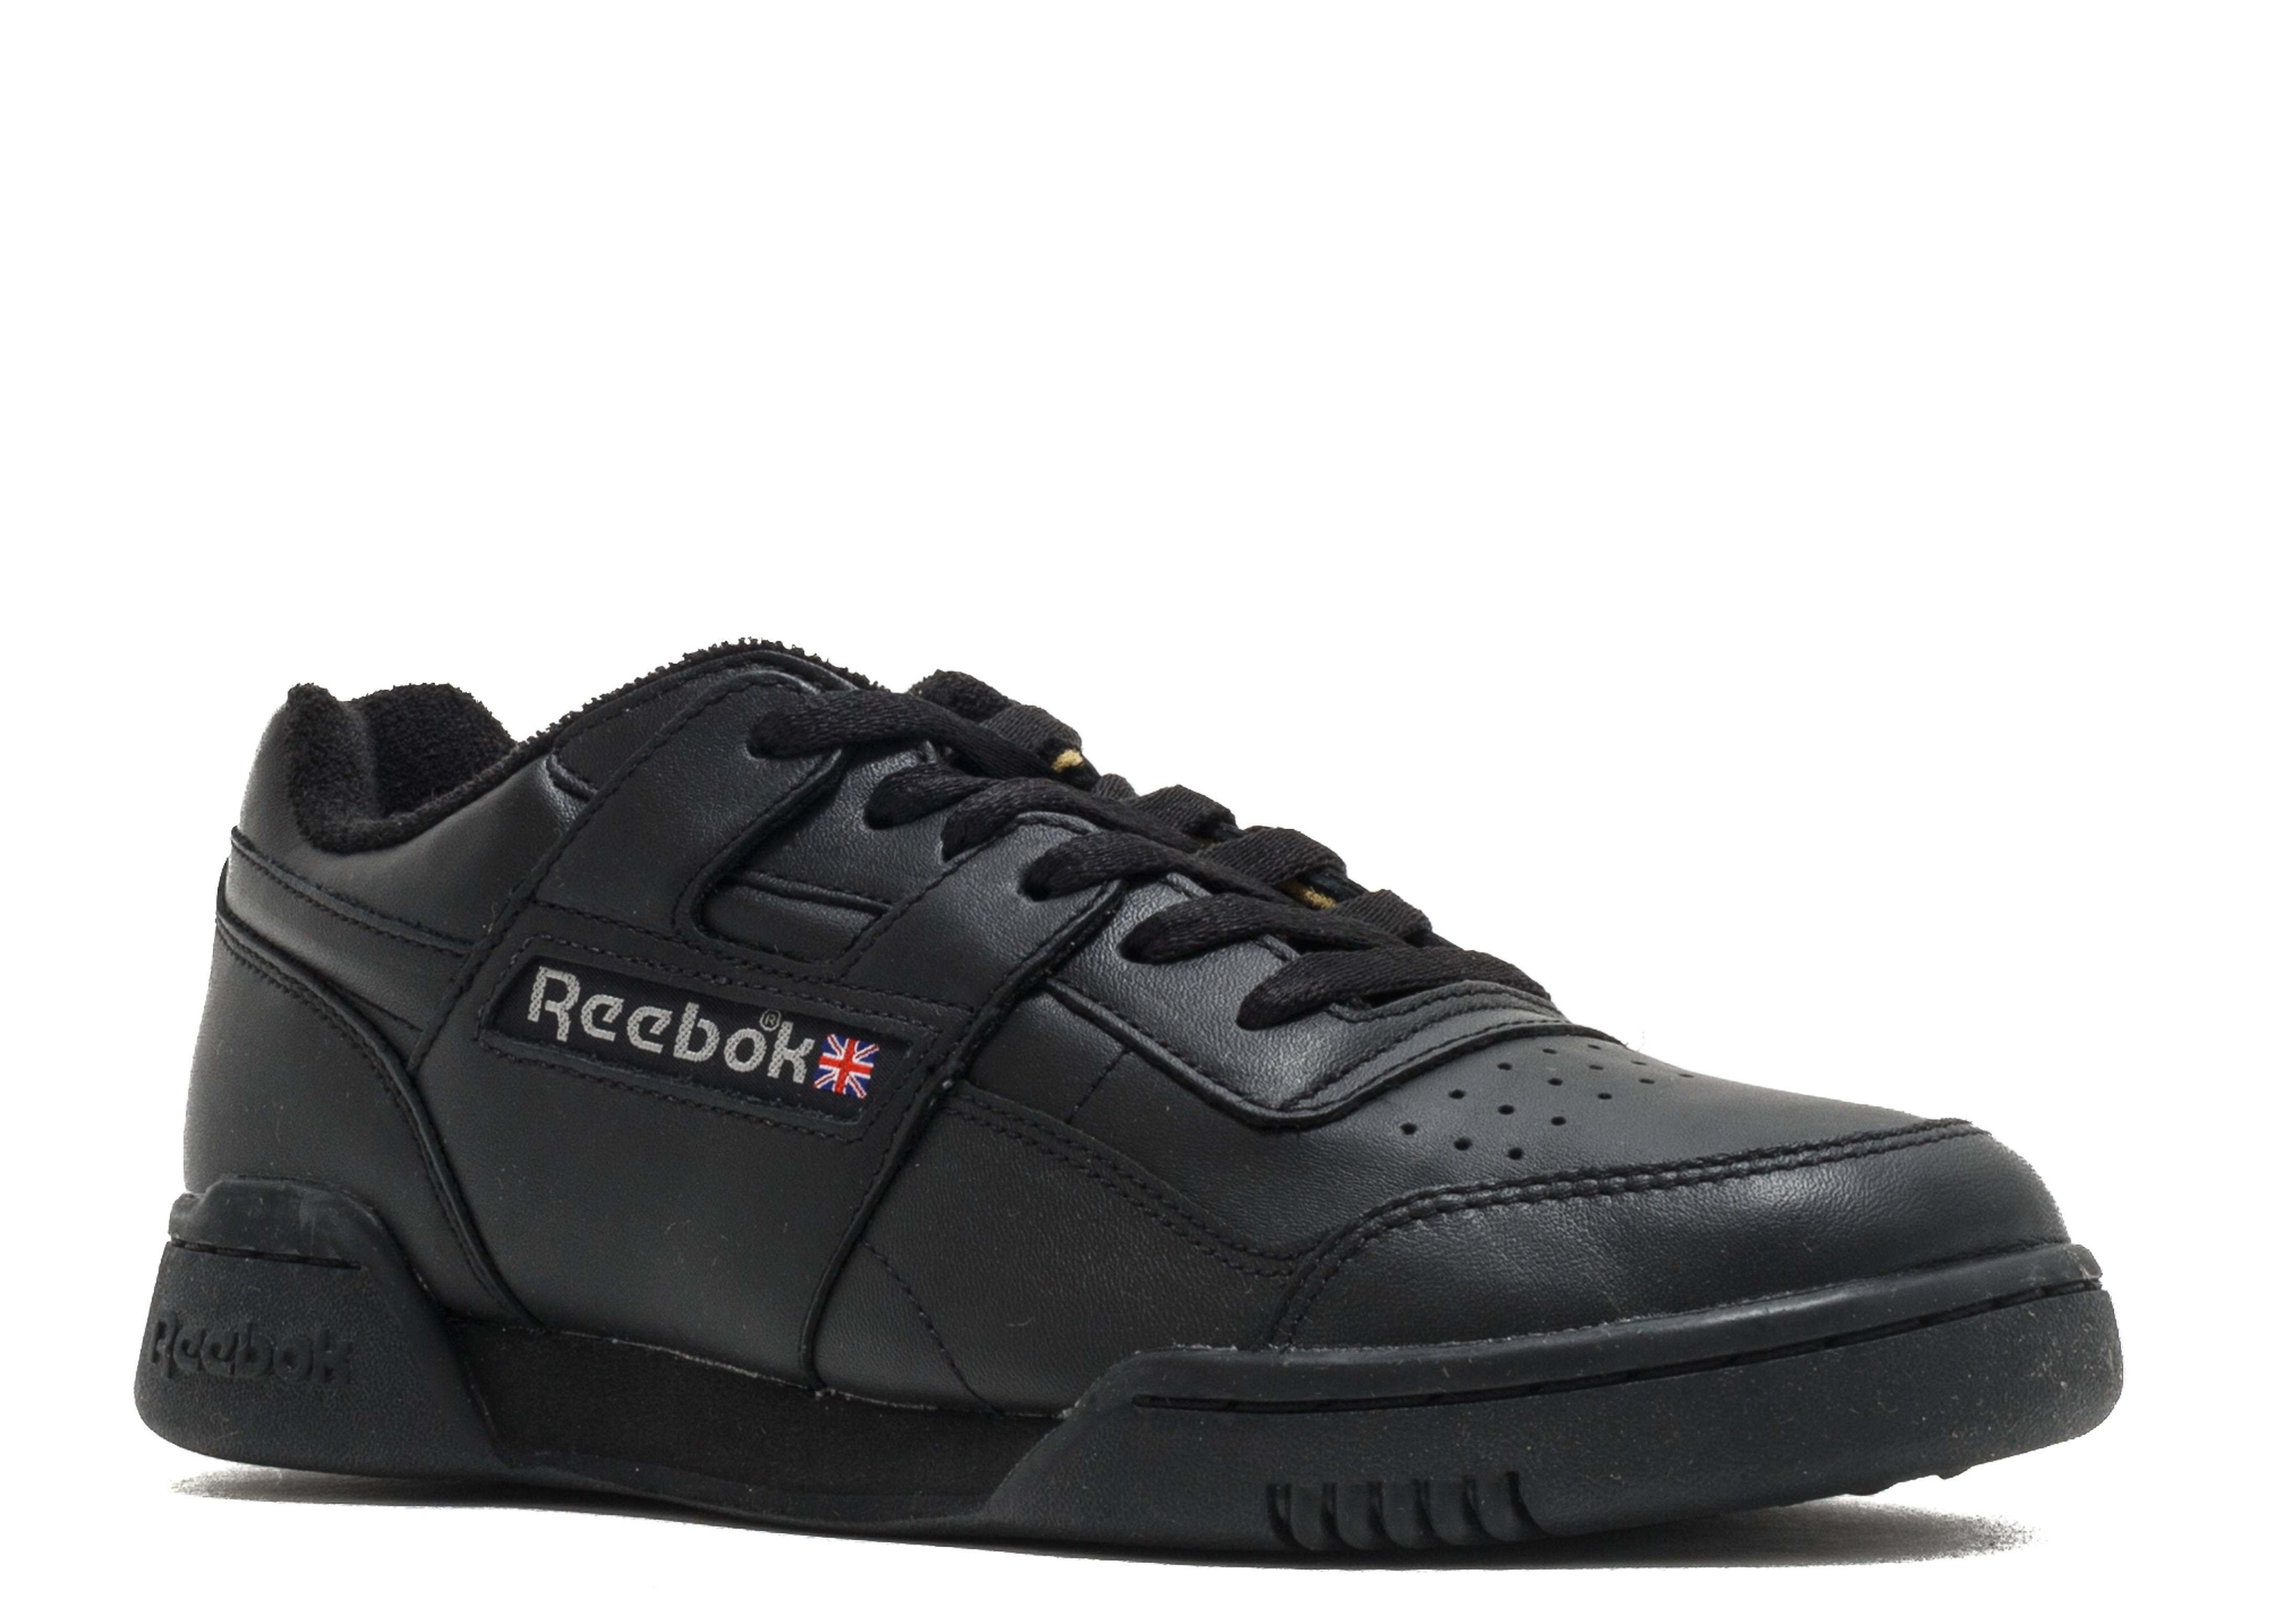 d77000ca29939 Workout Plus Vintage - Reebok - BD3387 - black carbon classic red ...